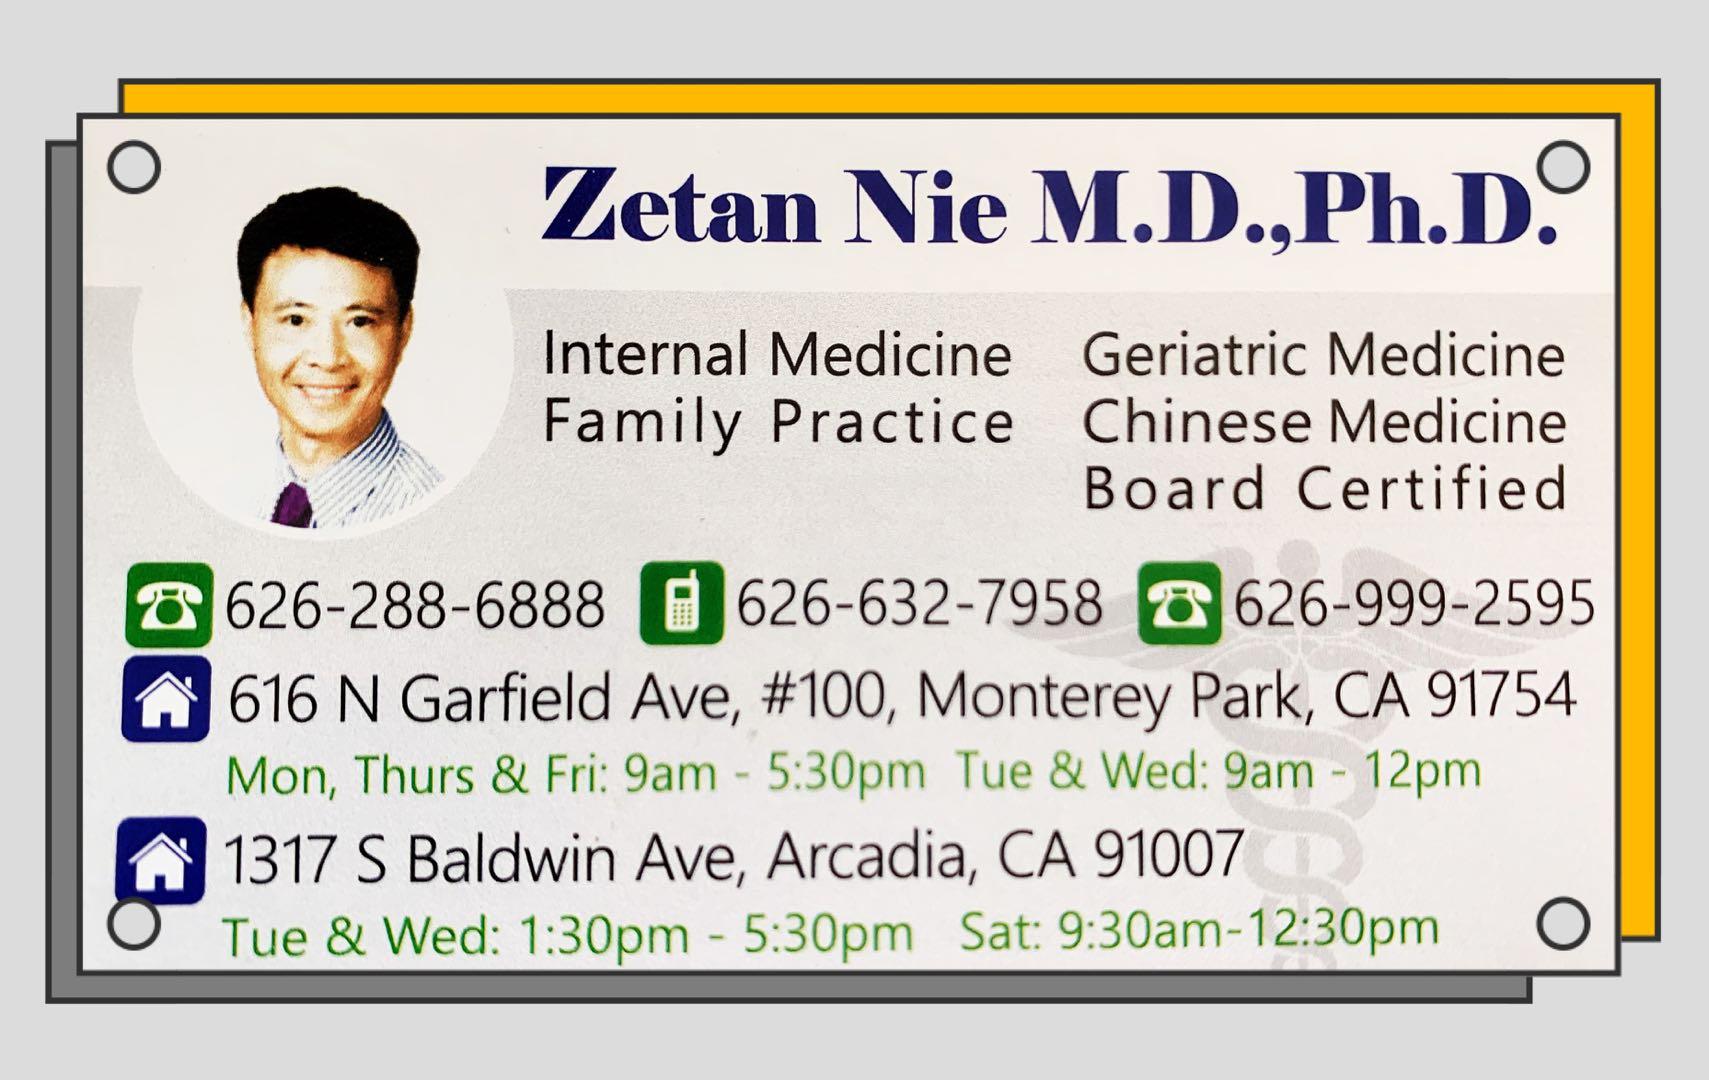 《洛杉矶华人家庭医生,聂医生精专内科/老年病科》